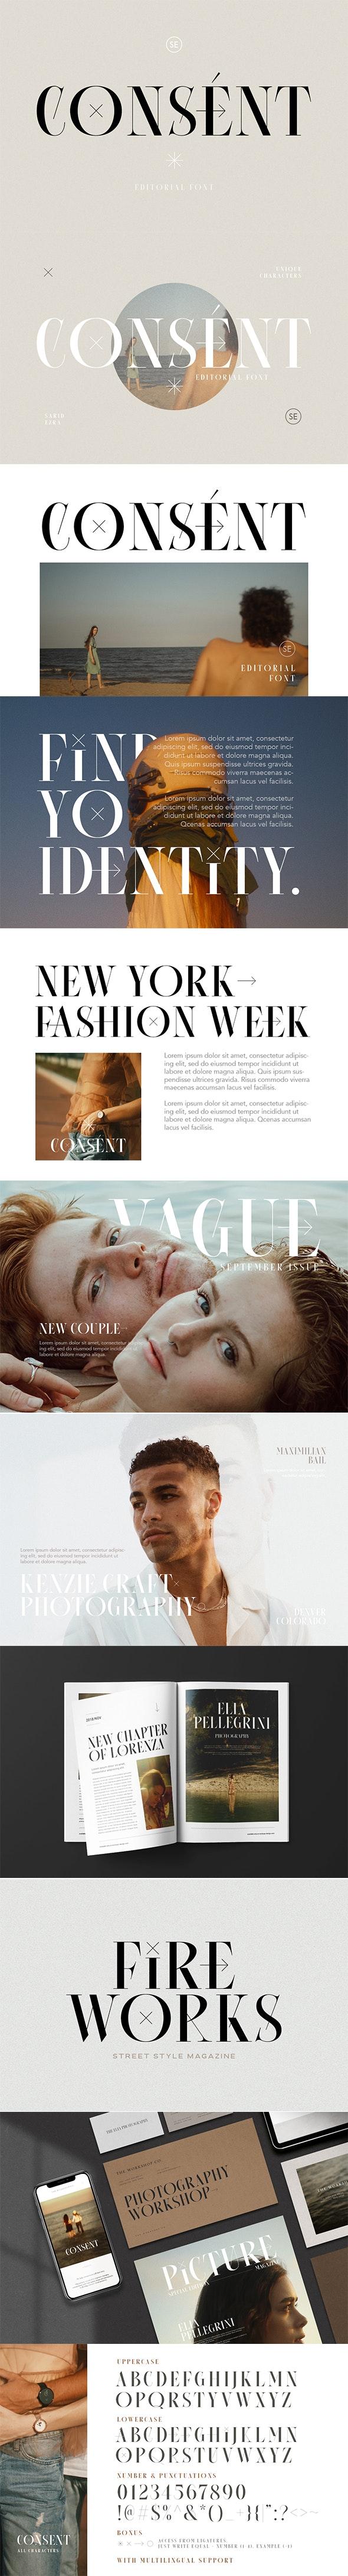 Consent - Editorial Serif Font - Serif Fonts